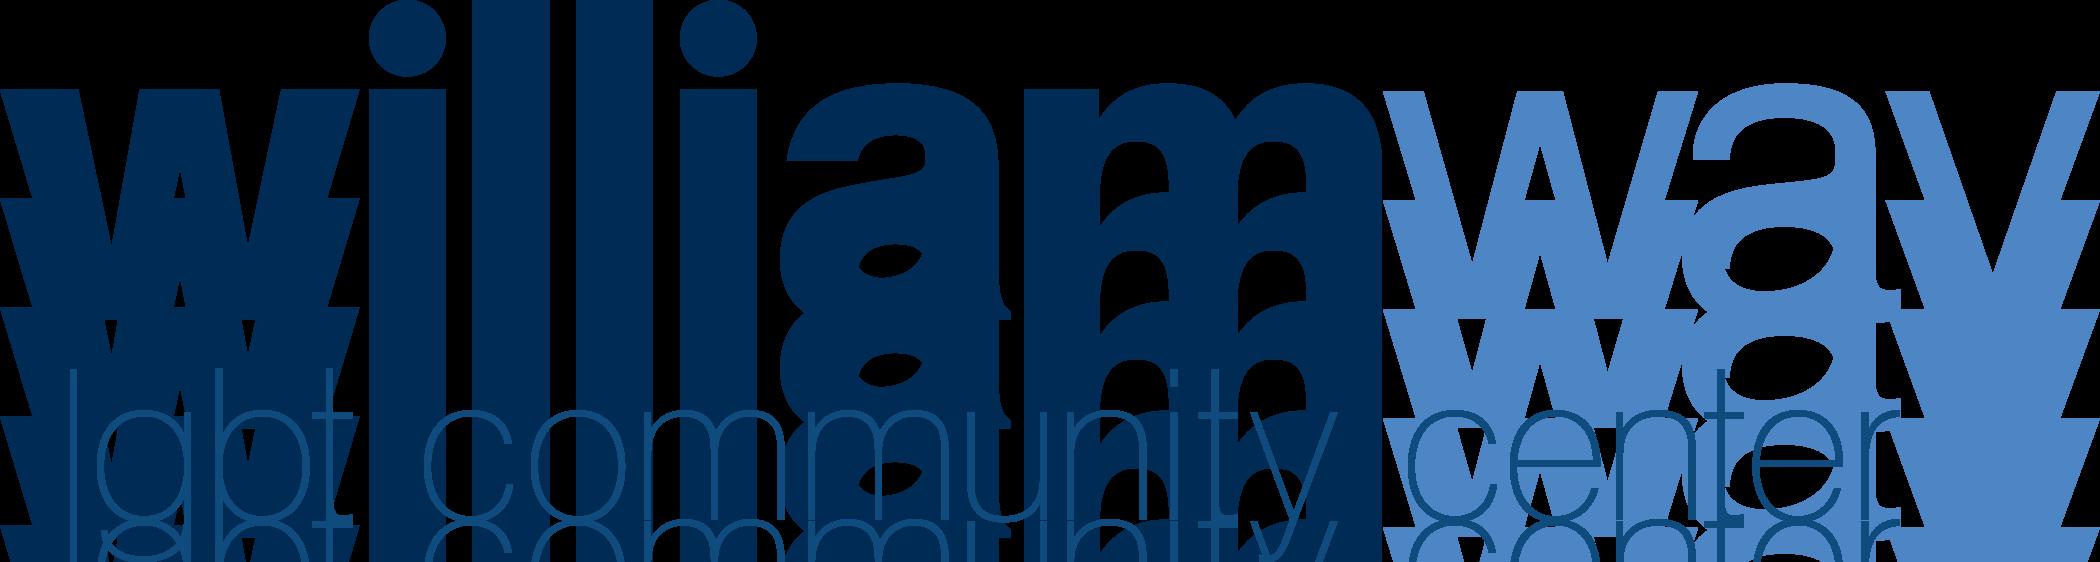 williamway-logo.png